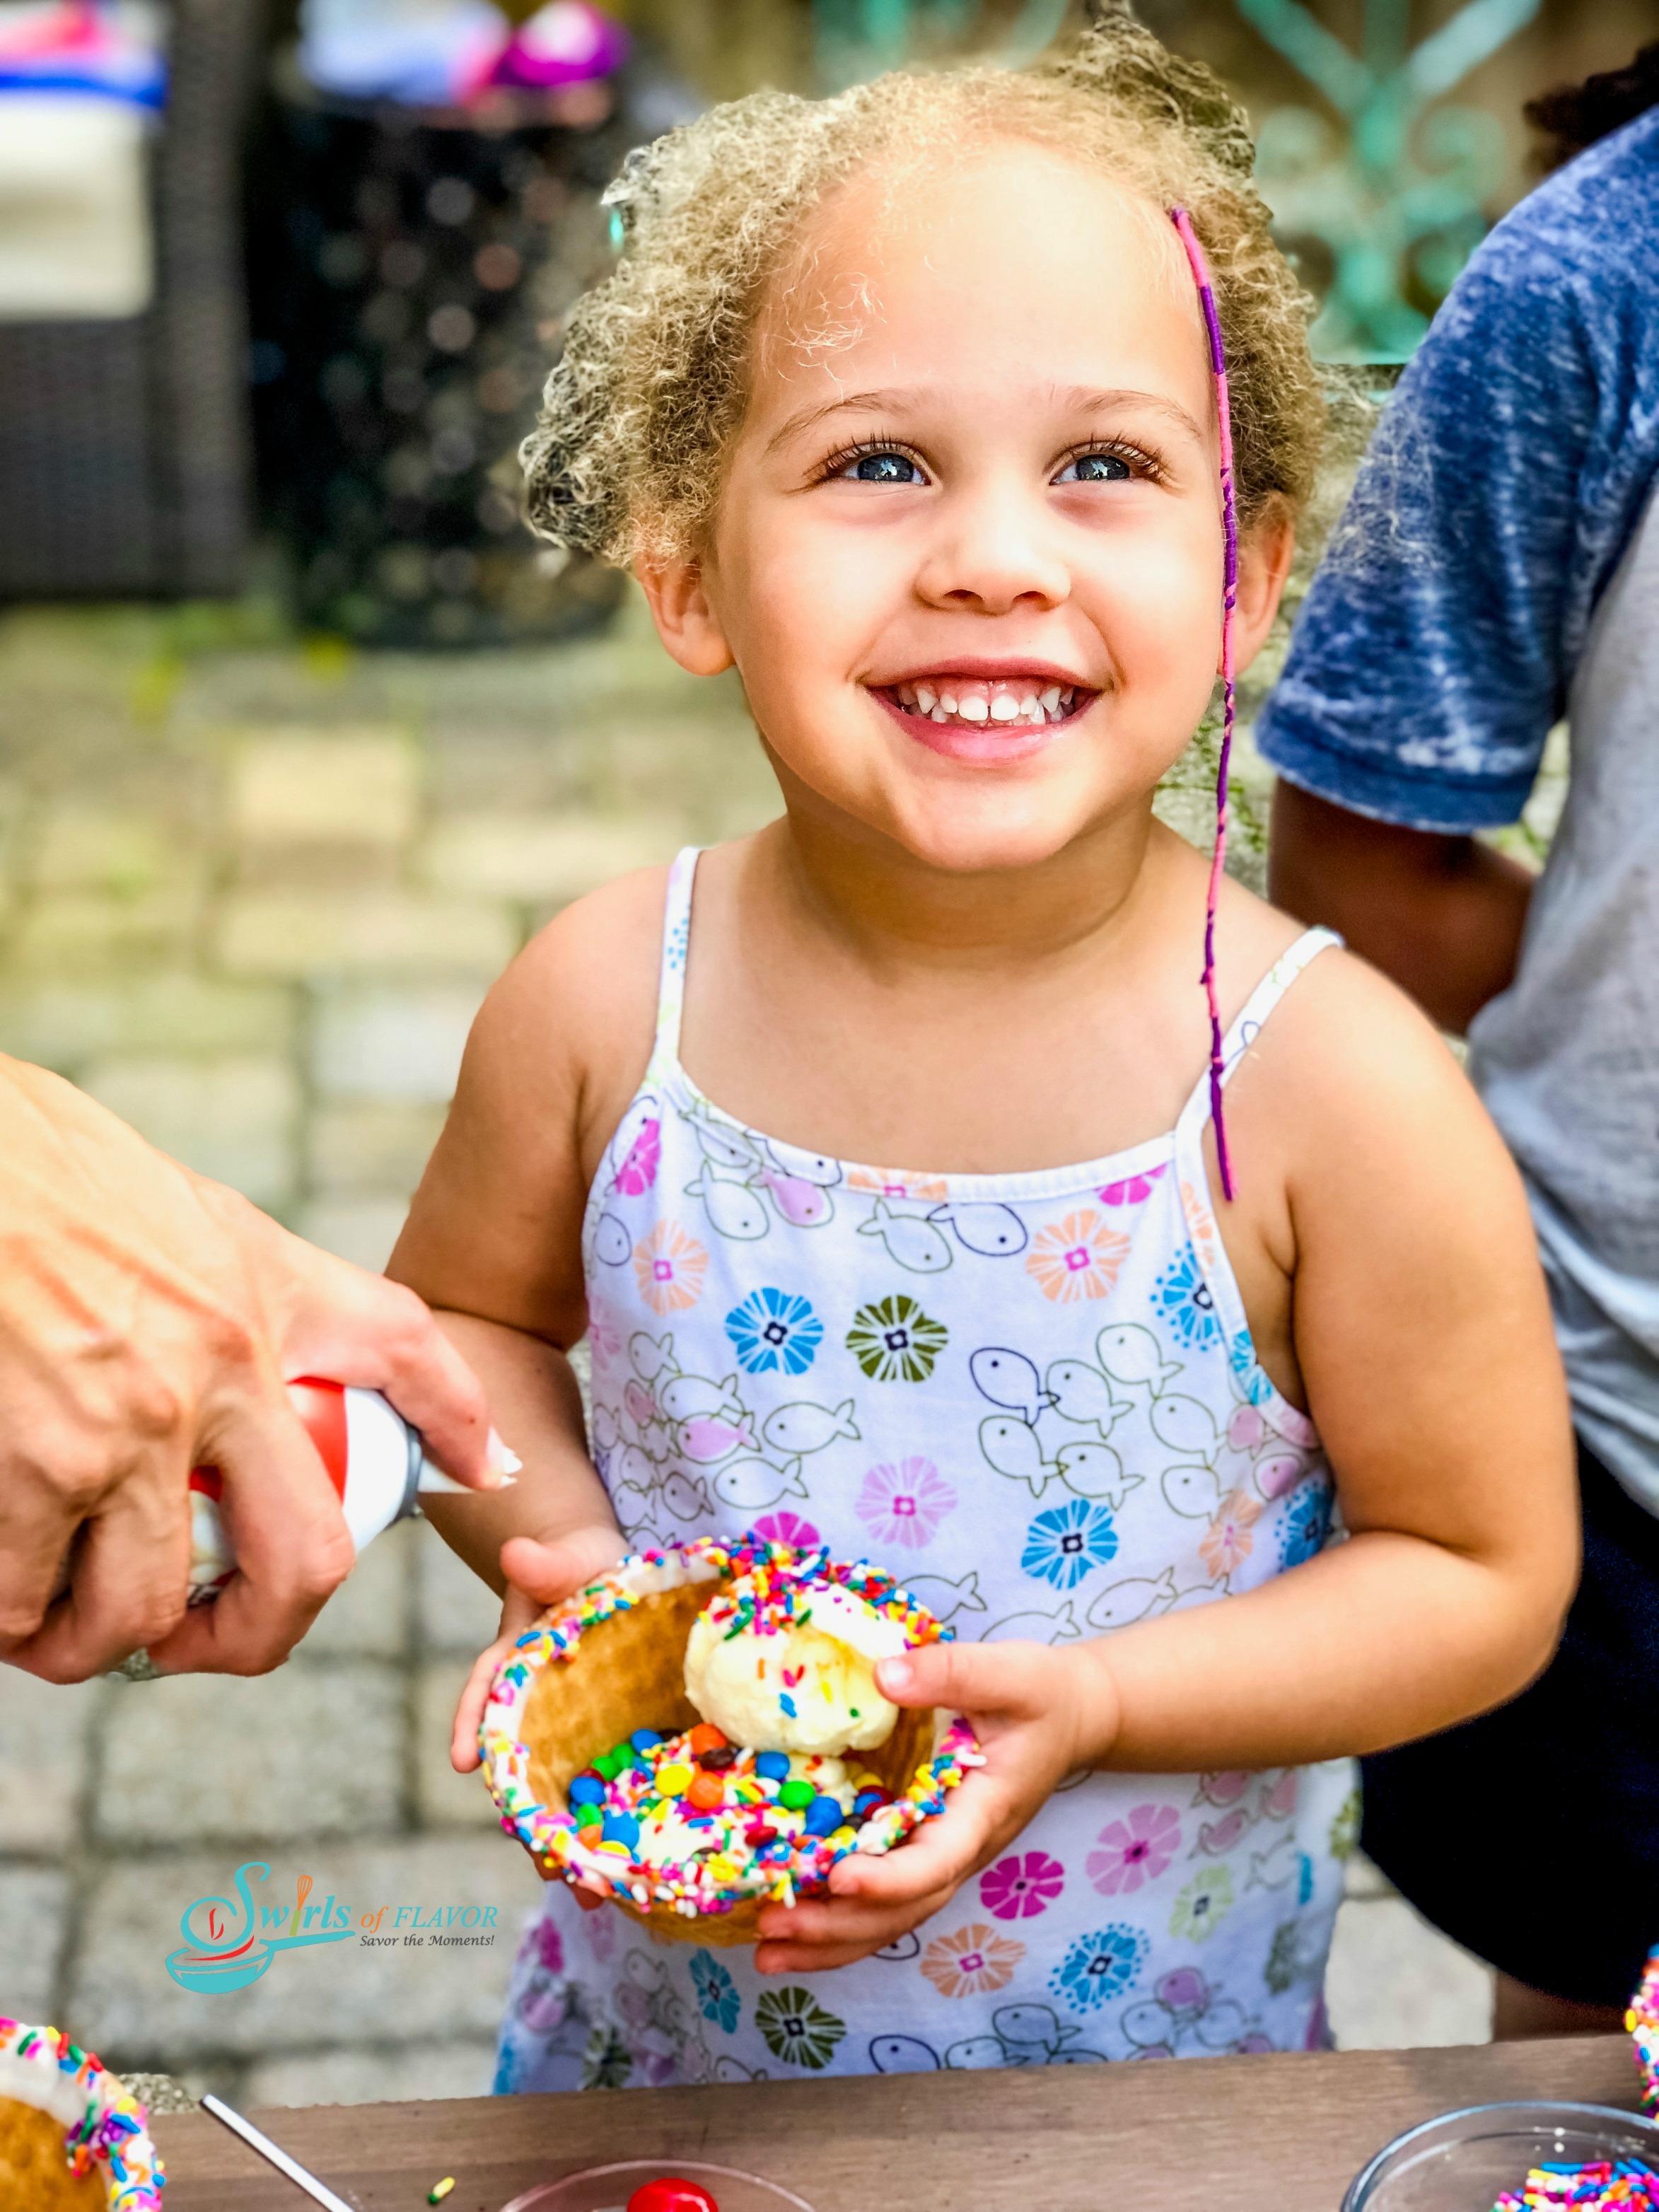 Cori and her ice cream sindae!